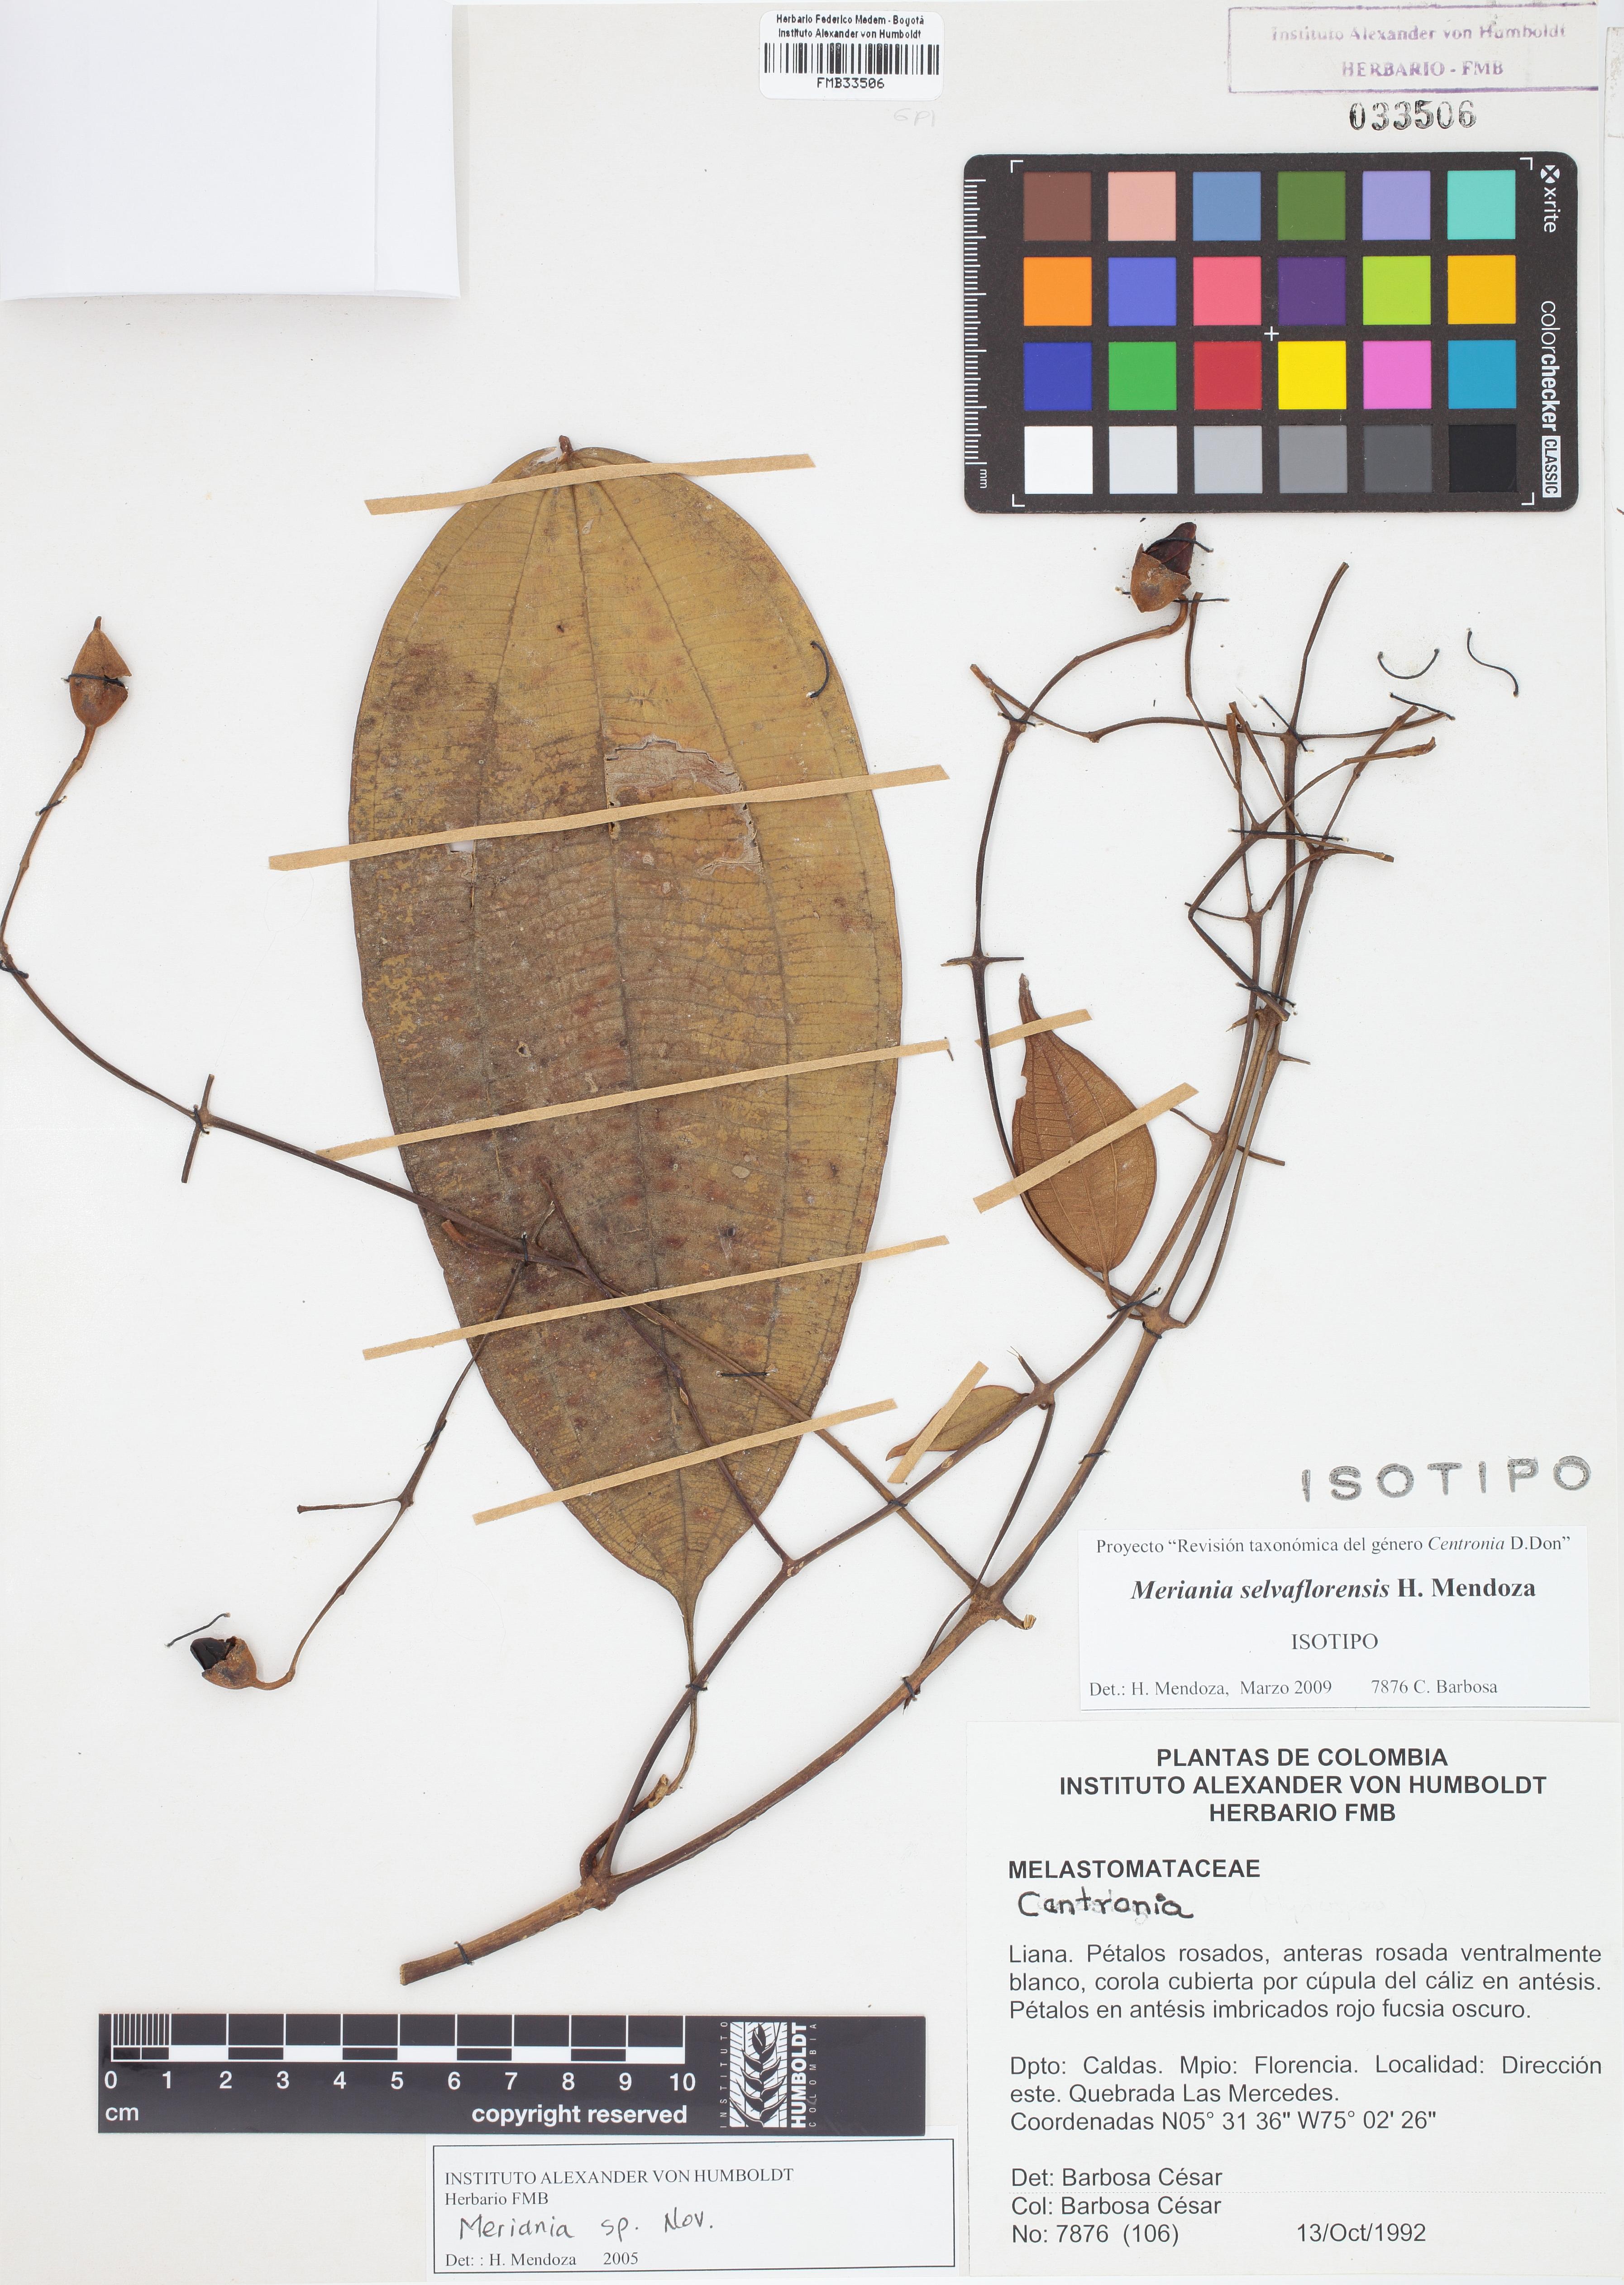 Isotipo de <em>Meriania selvaflorensis</em>, FMB-33506, Fotografía por Robles A.